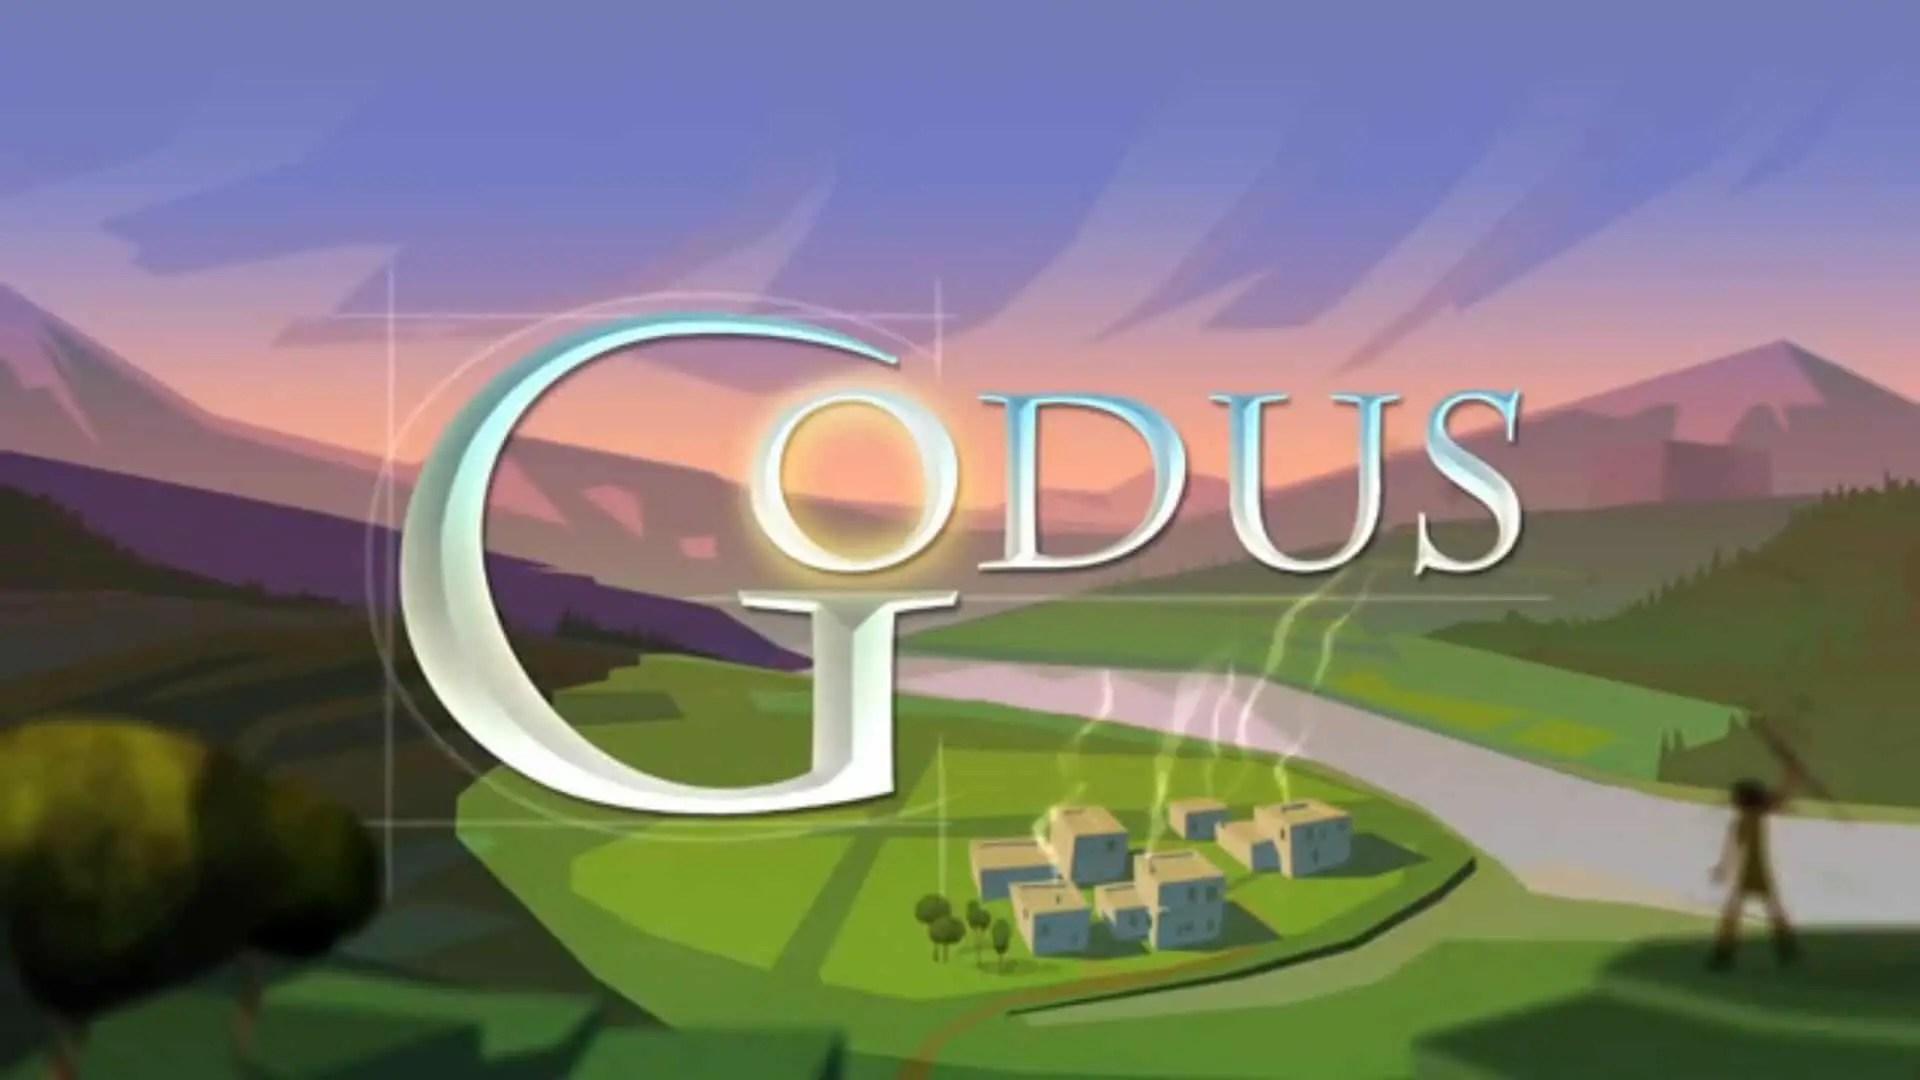 Godus Beta Review